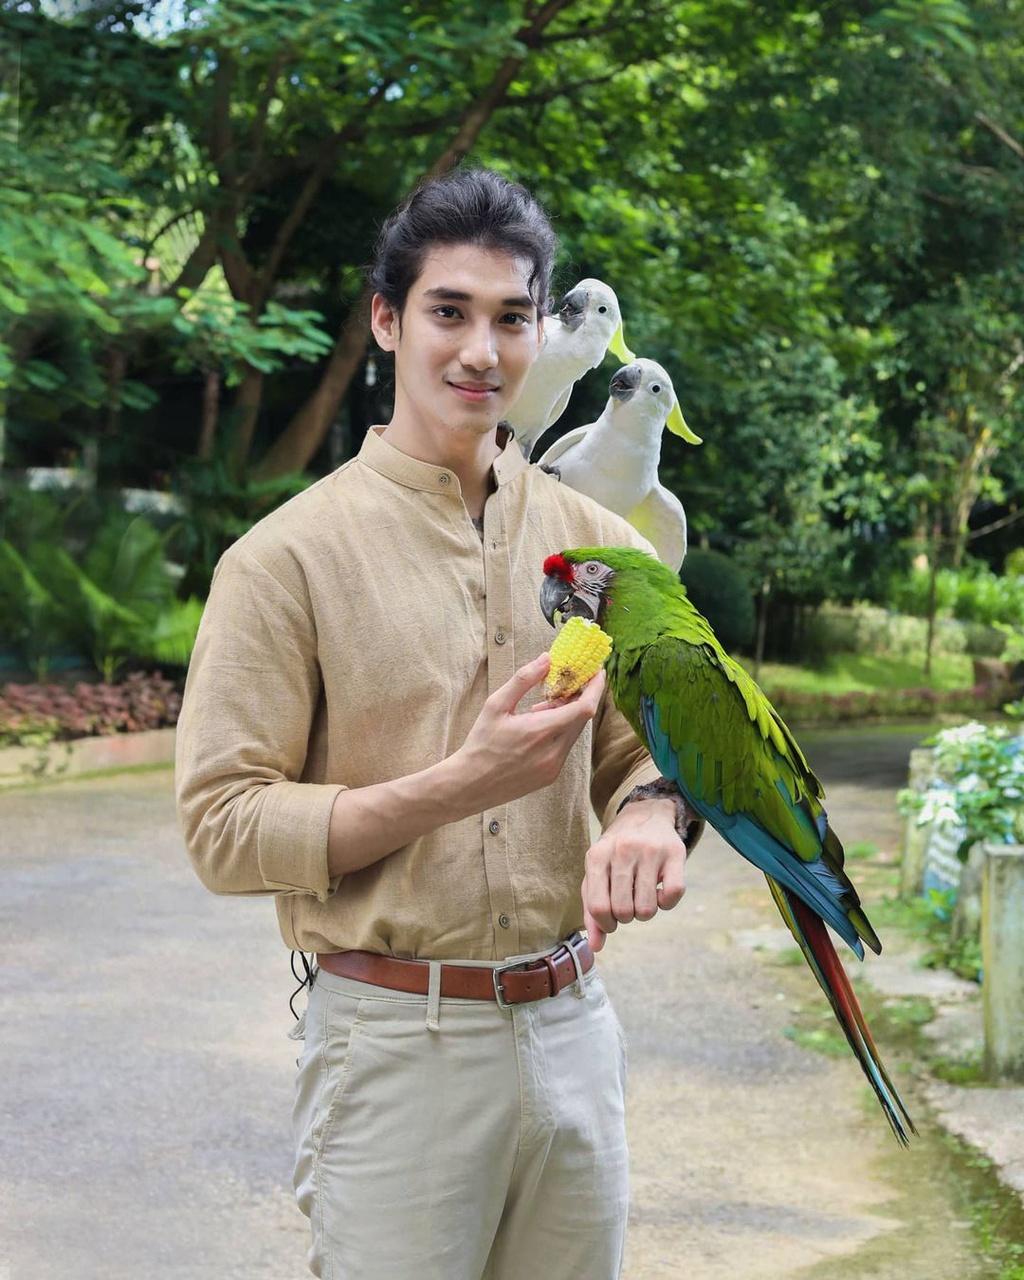 Paing Takhon độc thân, yêu động vật, từ chó mèo đến các loài chim cảnh.